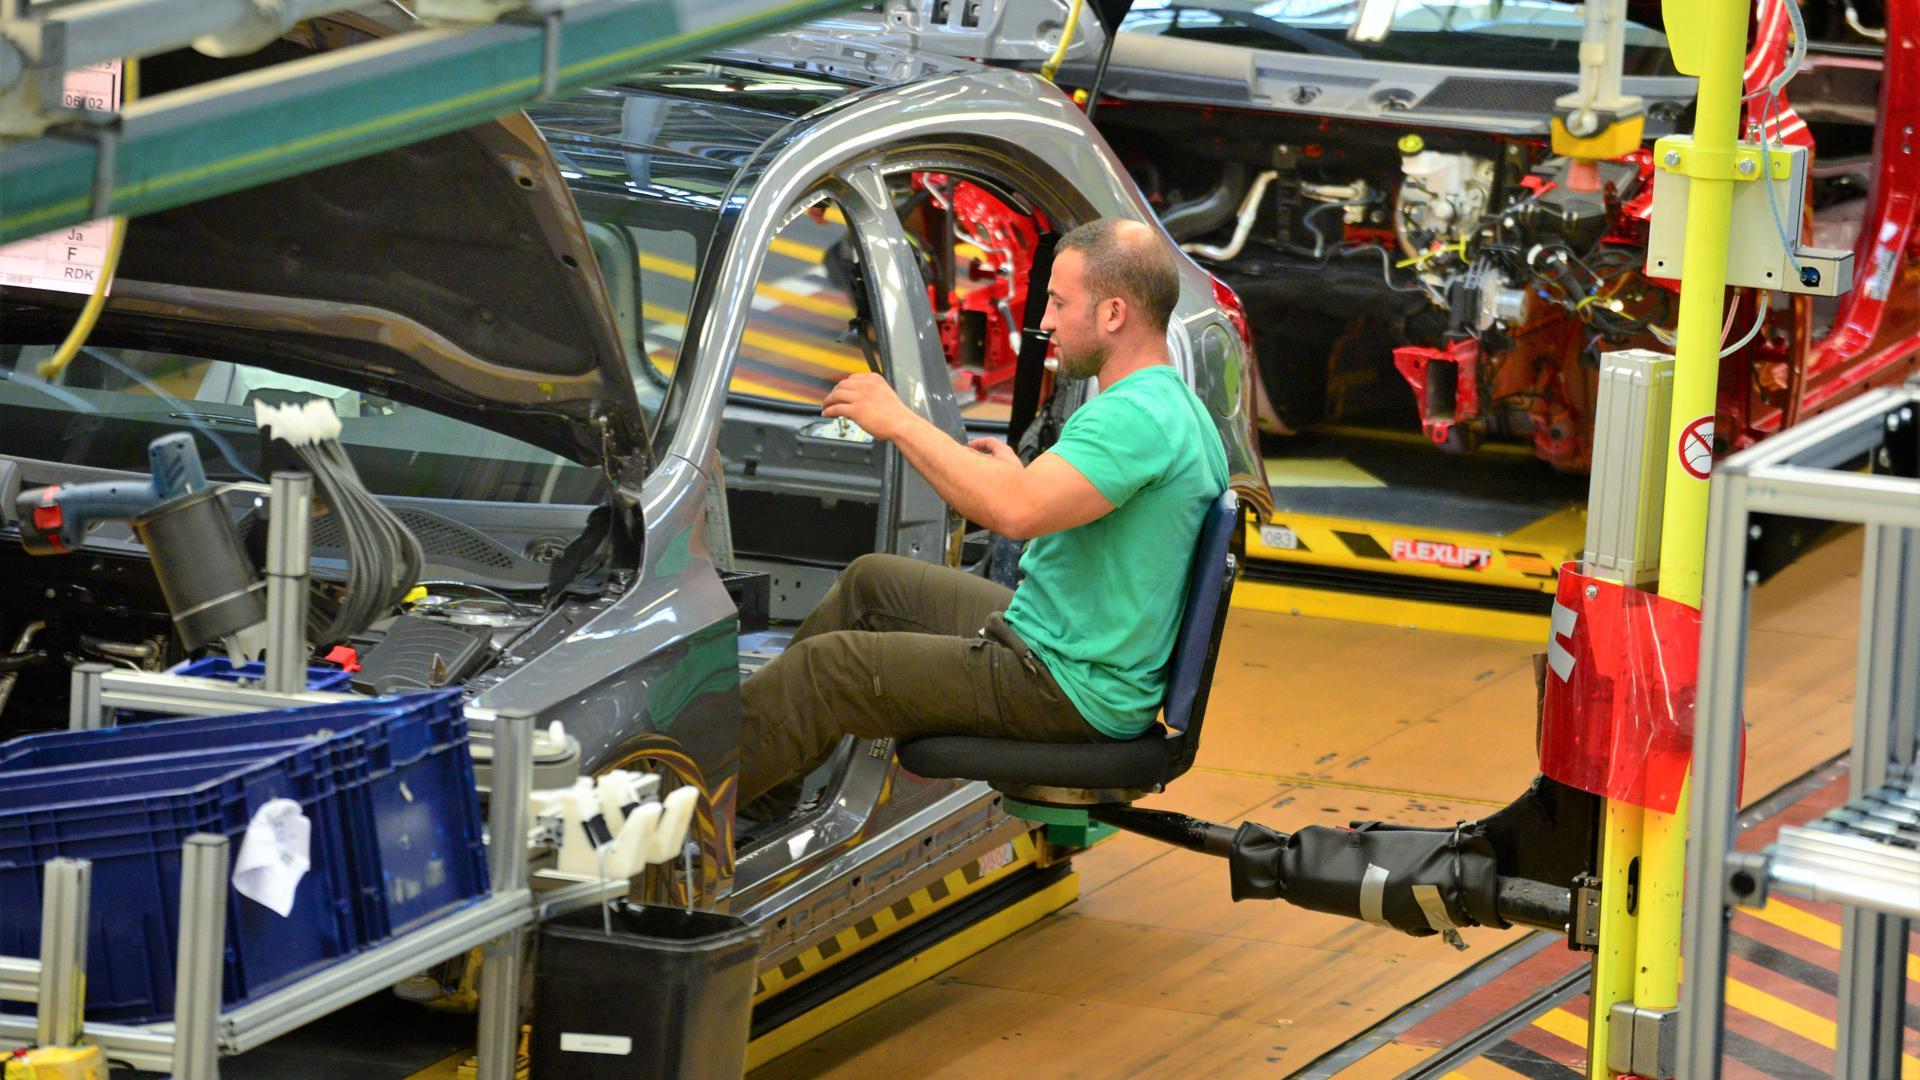 Ein Mann sitzt auf einem Stuhl an einem Fließband, auf dem Autos montiert werden.